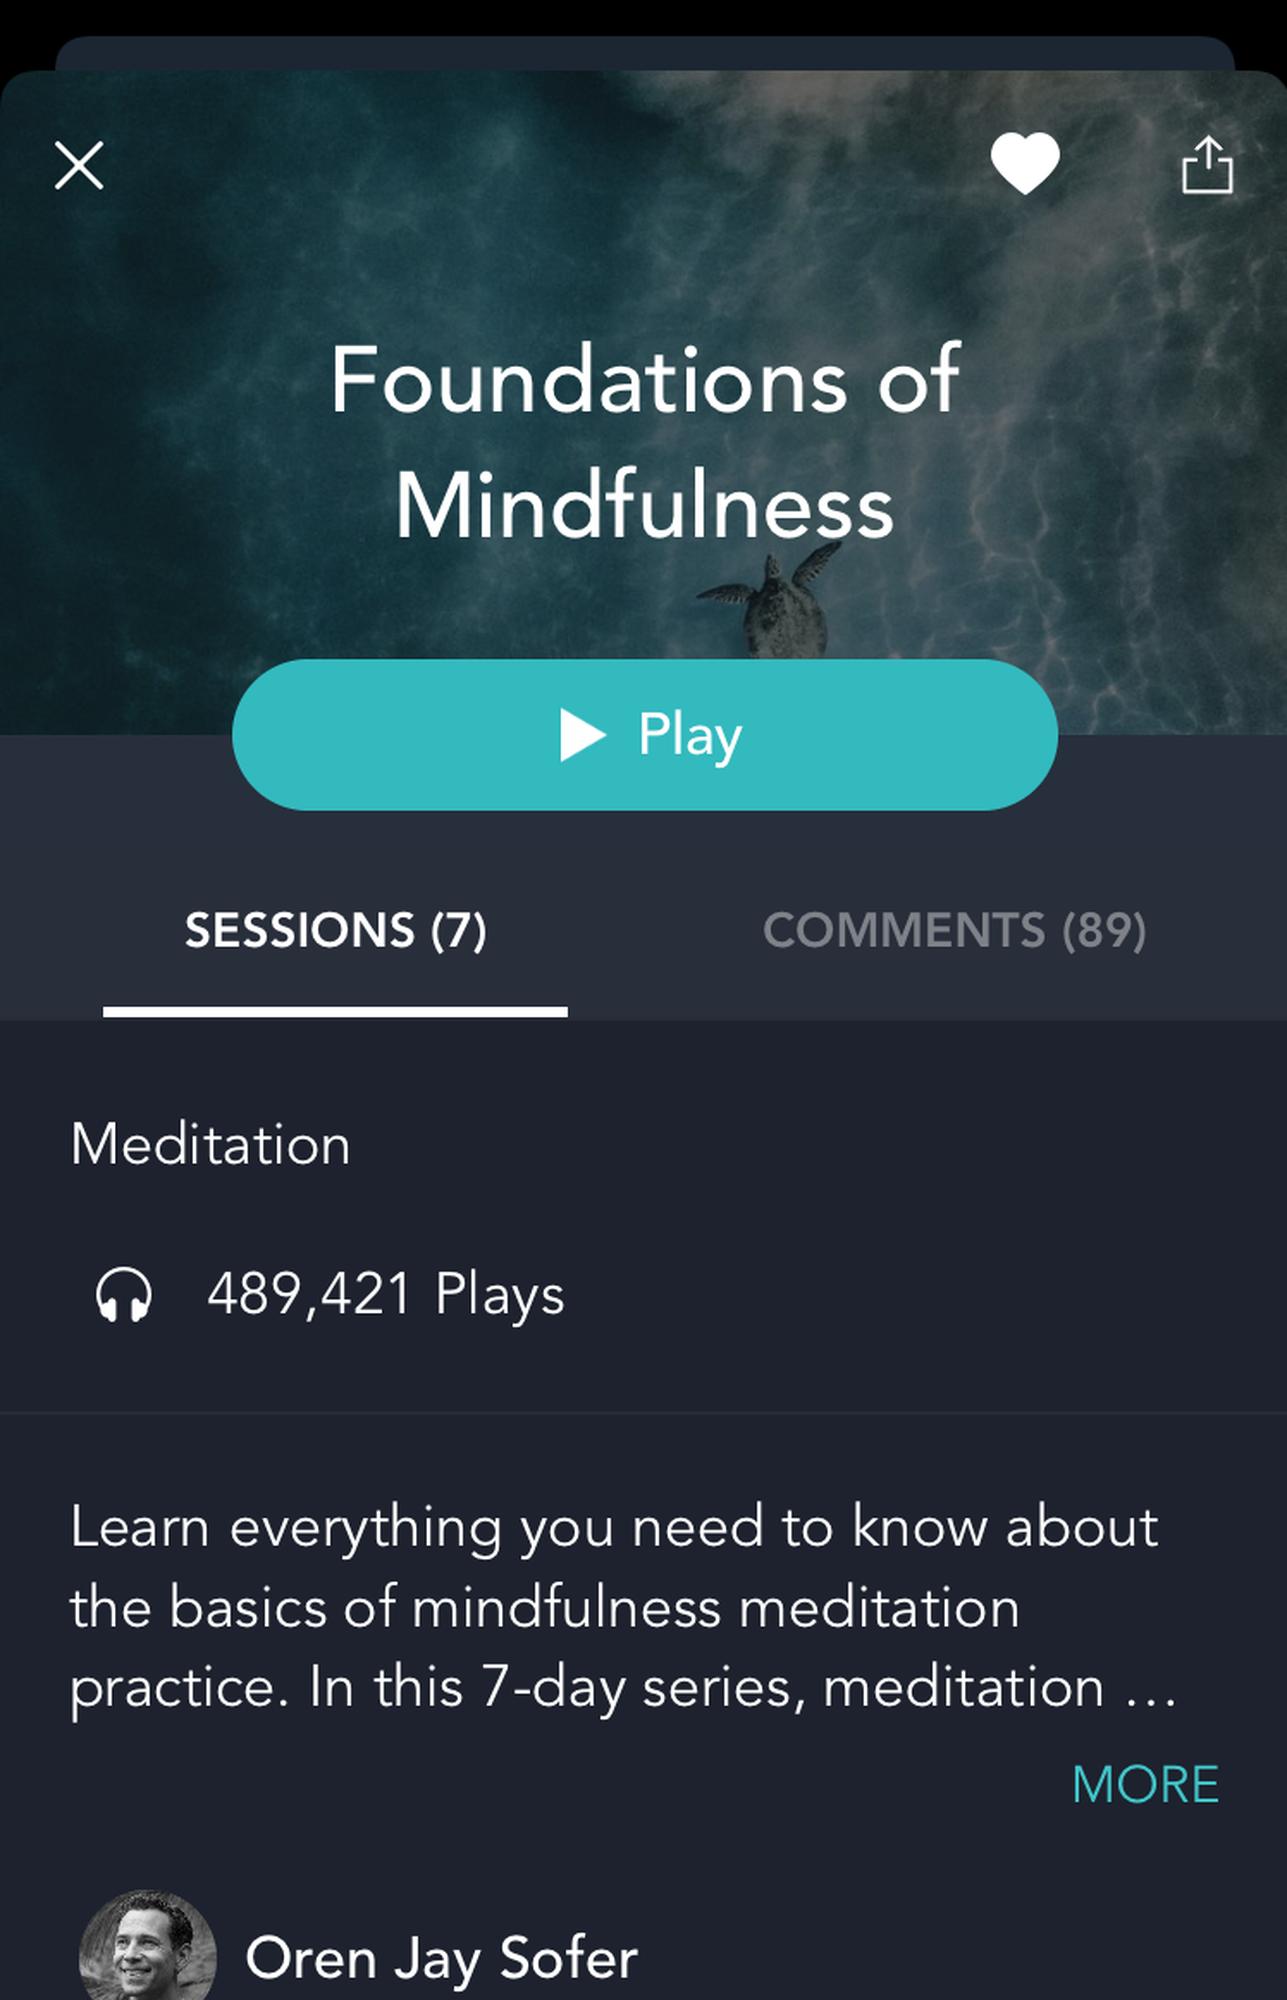 13 grandes aplicaciones para aprender sobre la atención plena